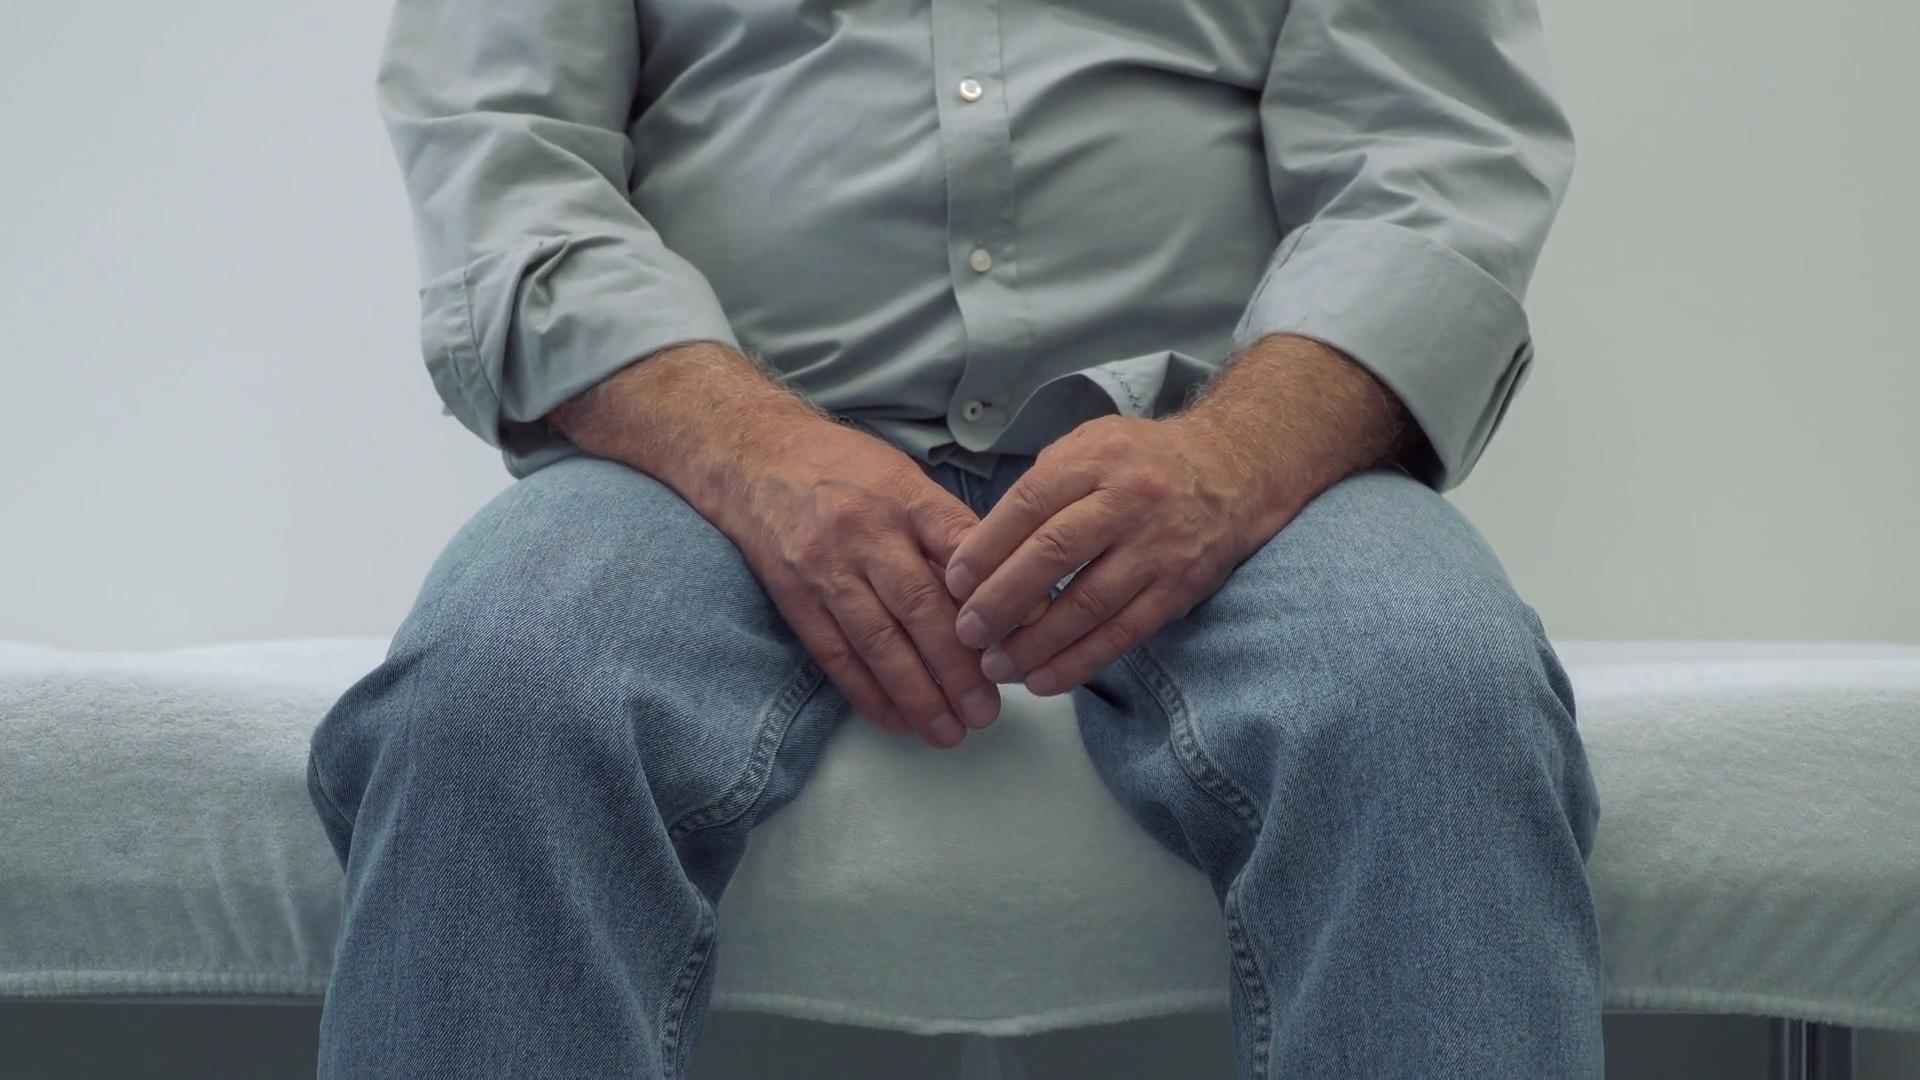 Krótszy palec wskazujący może wskazywać na śmiertelną chorobę